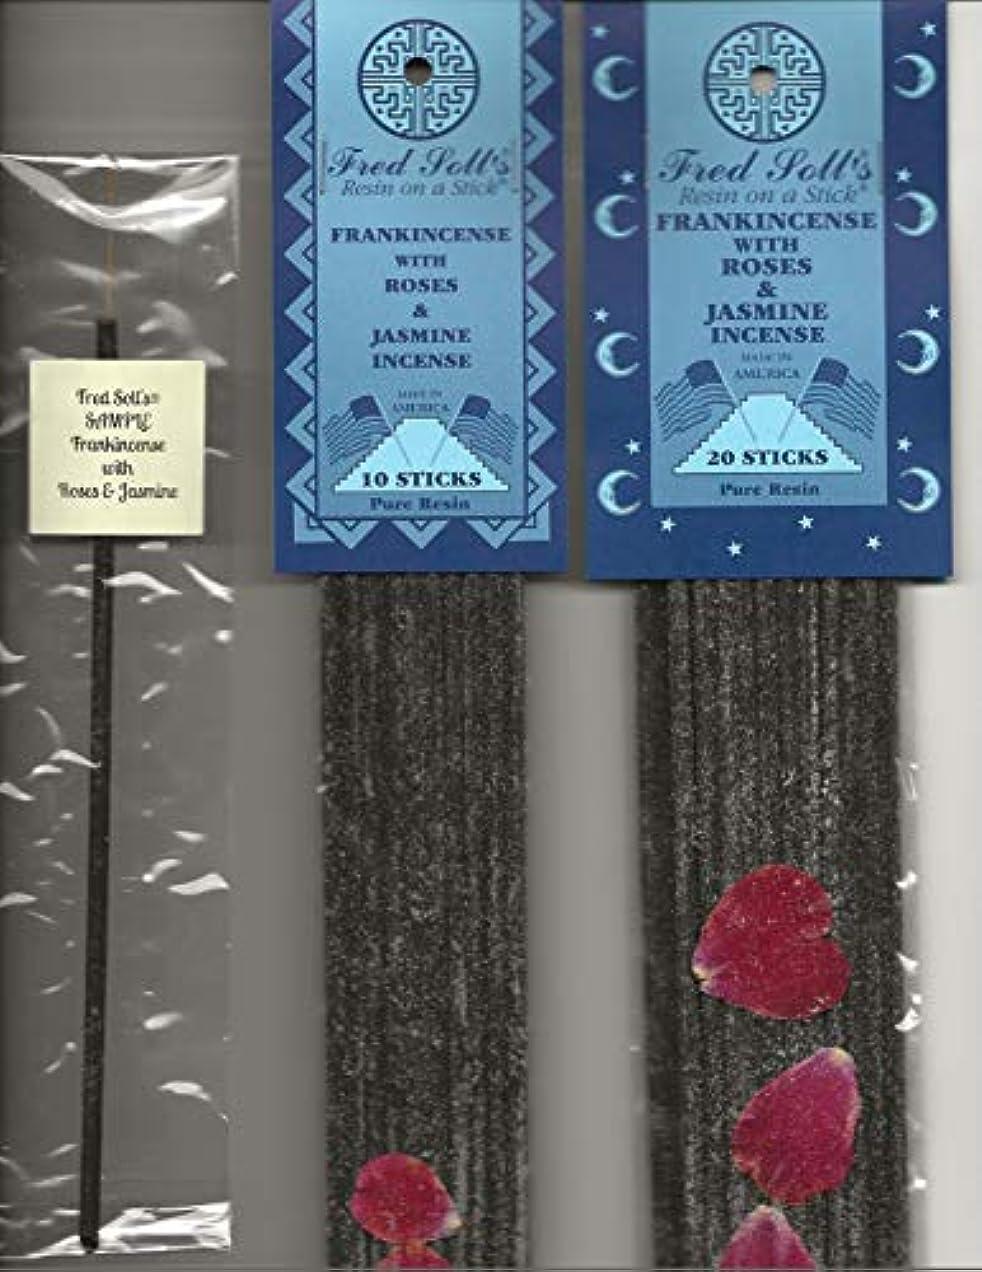 周辺ブロックする講師Fred Soll 's Frankincense with Roses &ジャスミンお香、20 Sticks